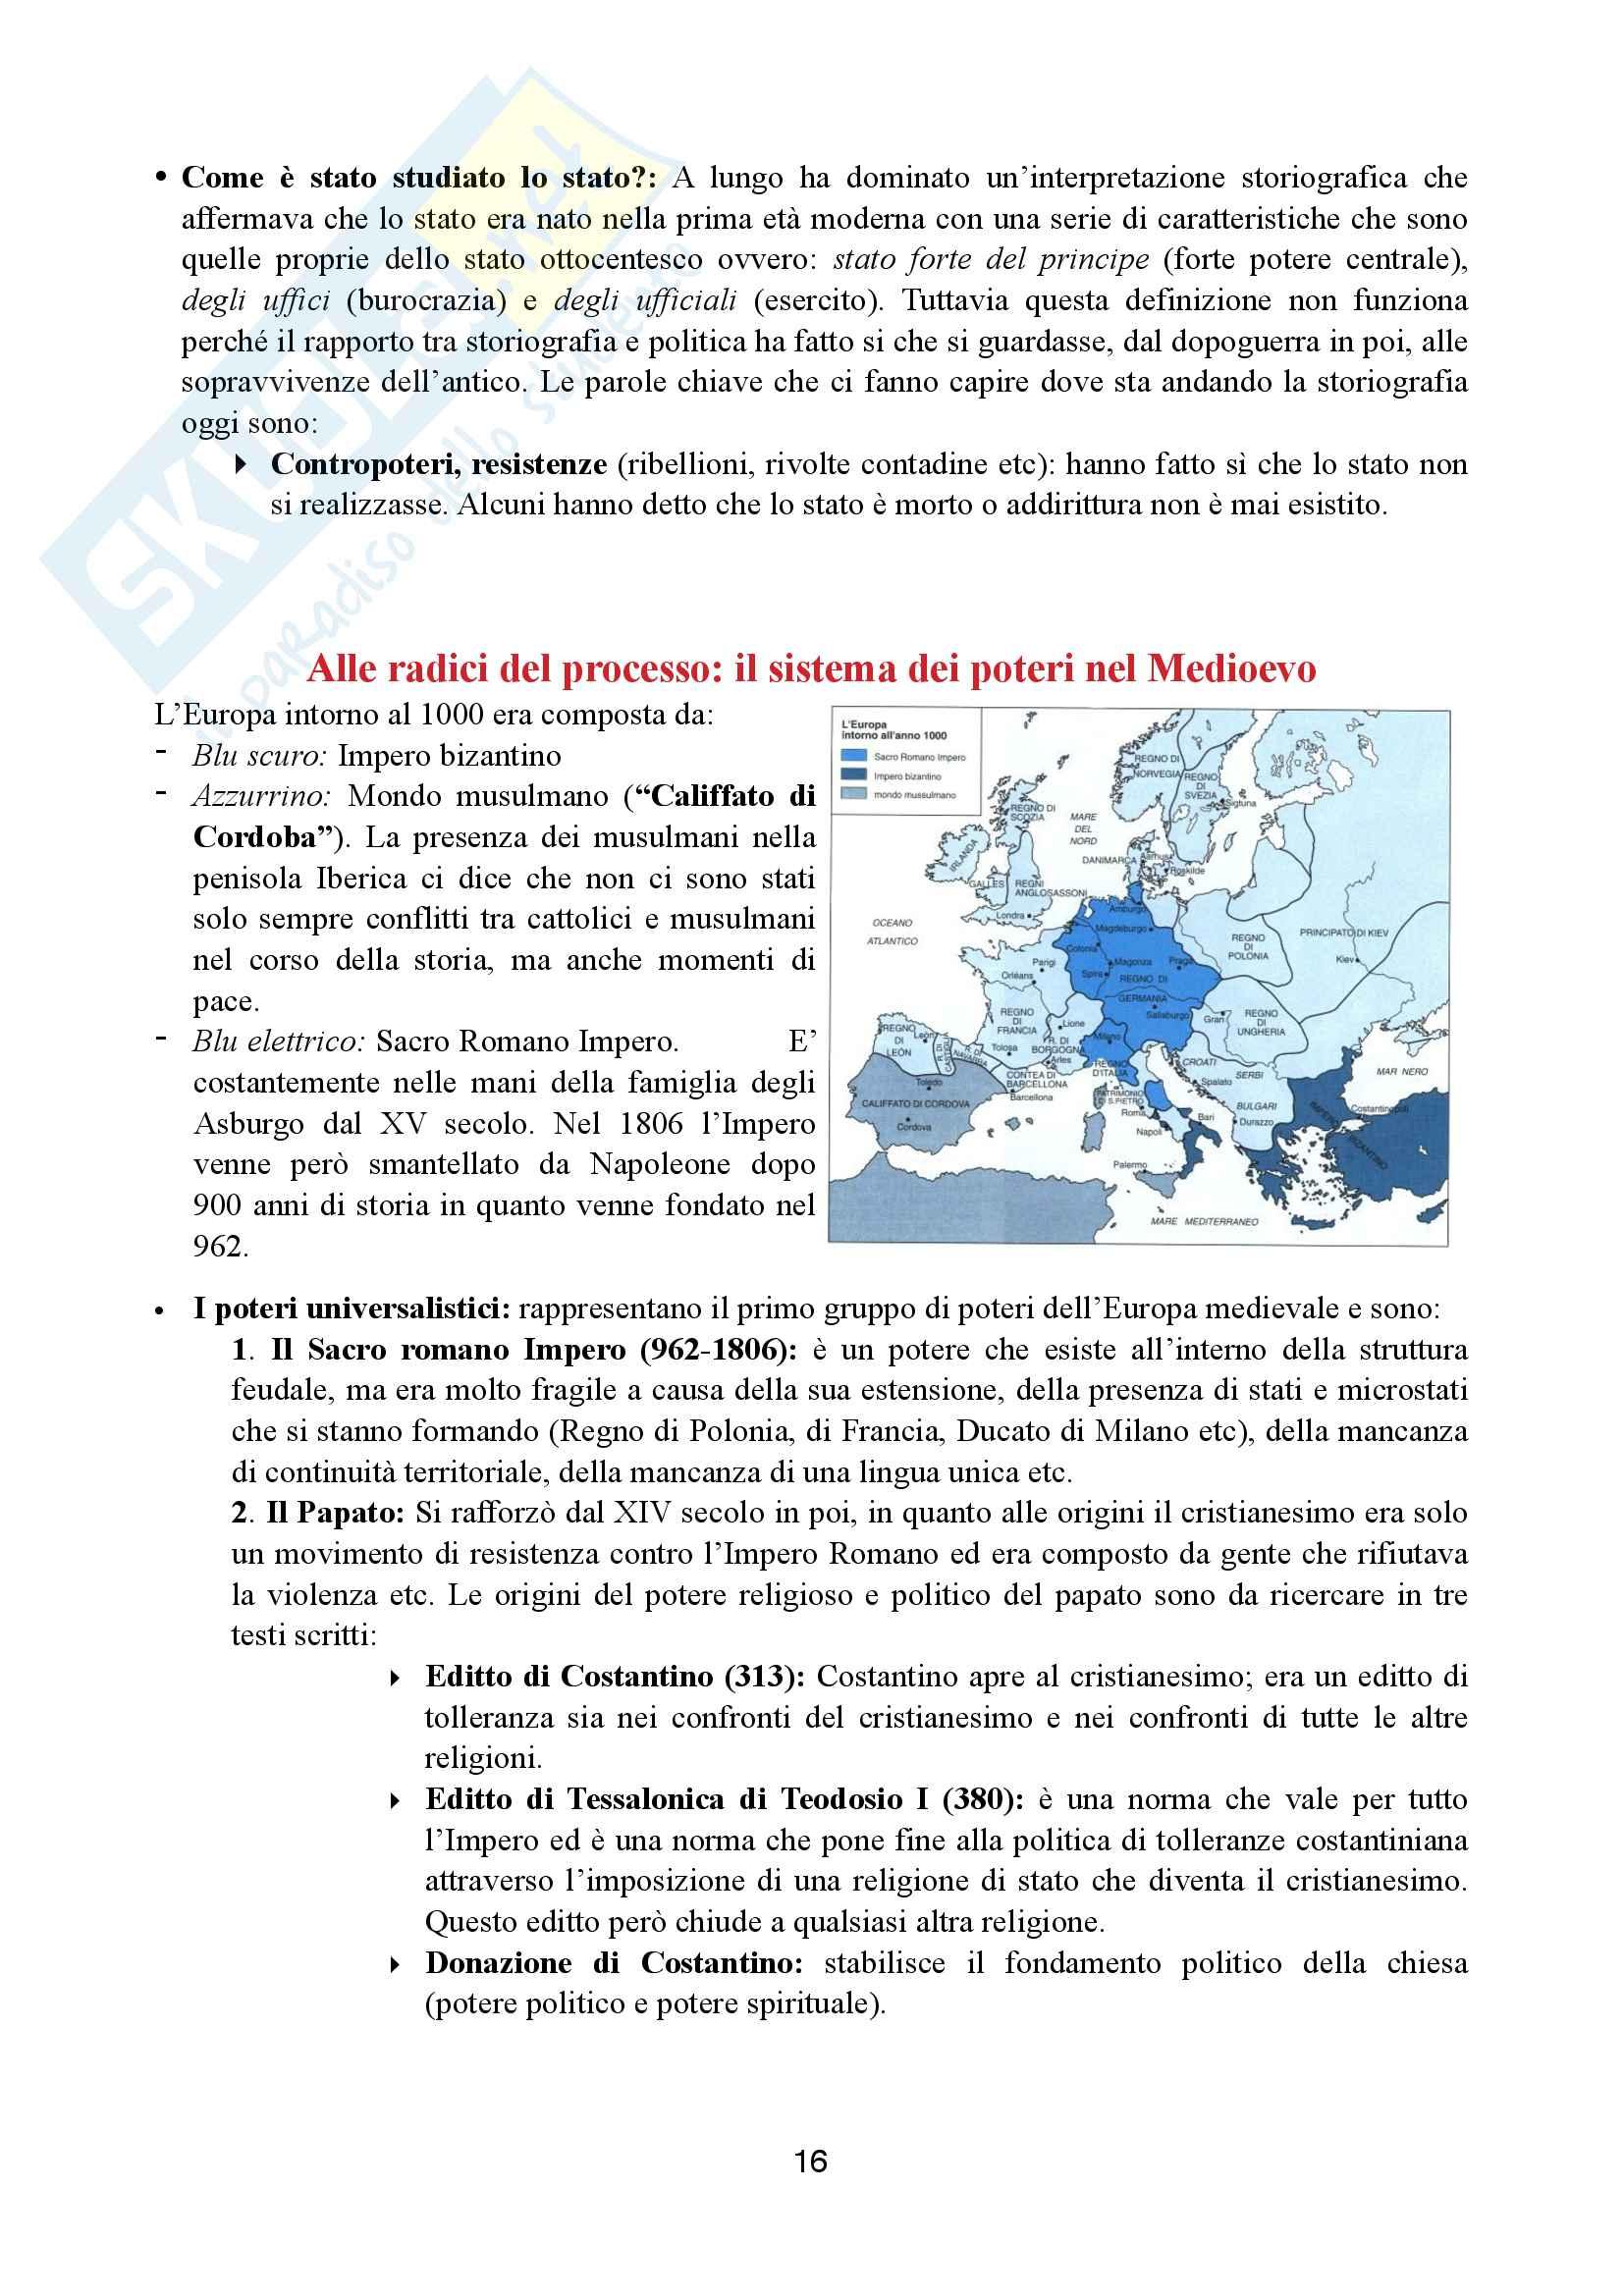 Storia Moderna-Prof Delpiano-UNITO Pag. 16